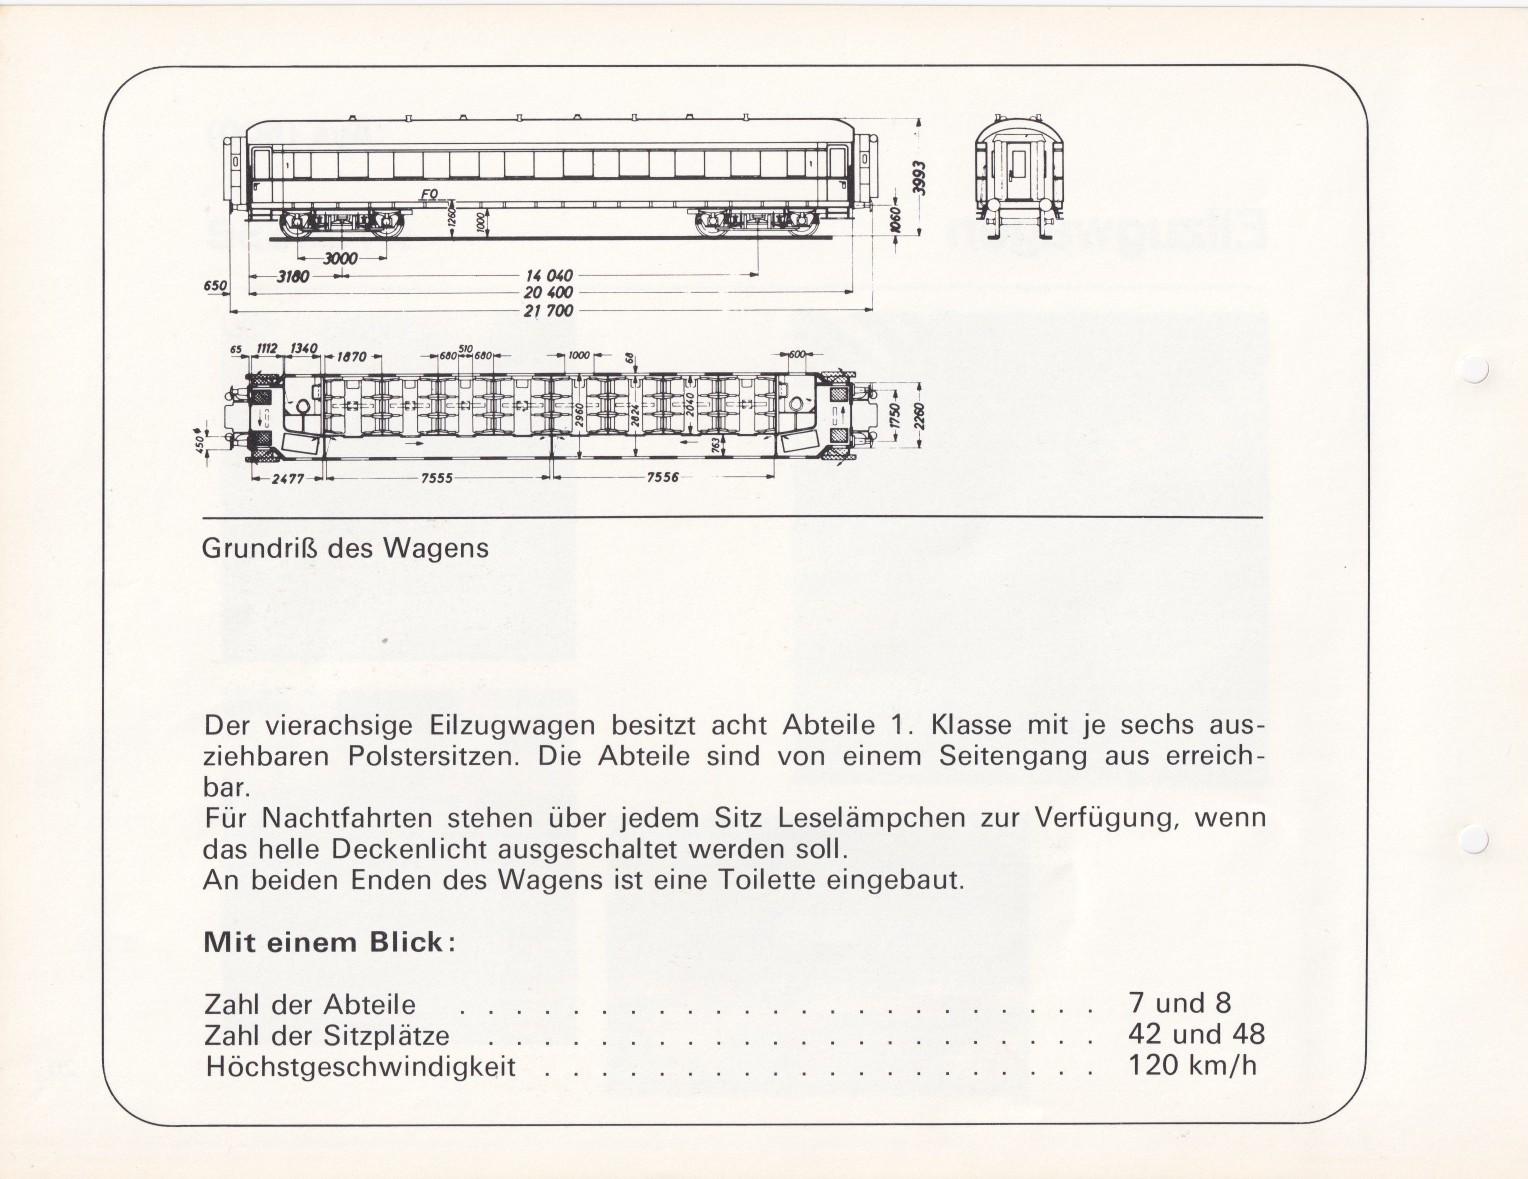 https://www.nullclub.de/hifo/Fahrzeuglexikon/Wagen20b.jpg